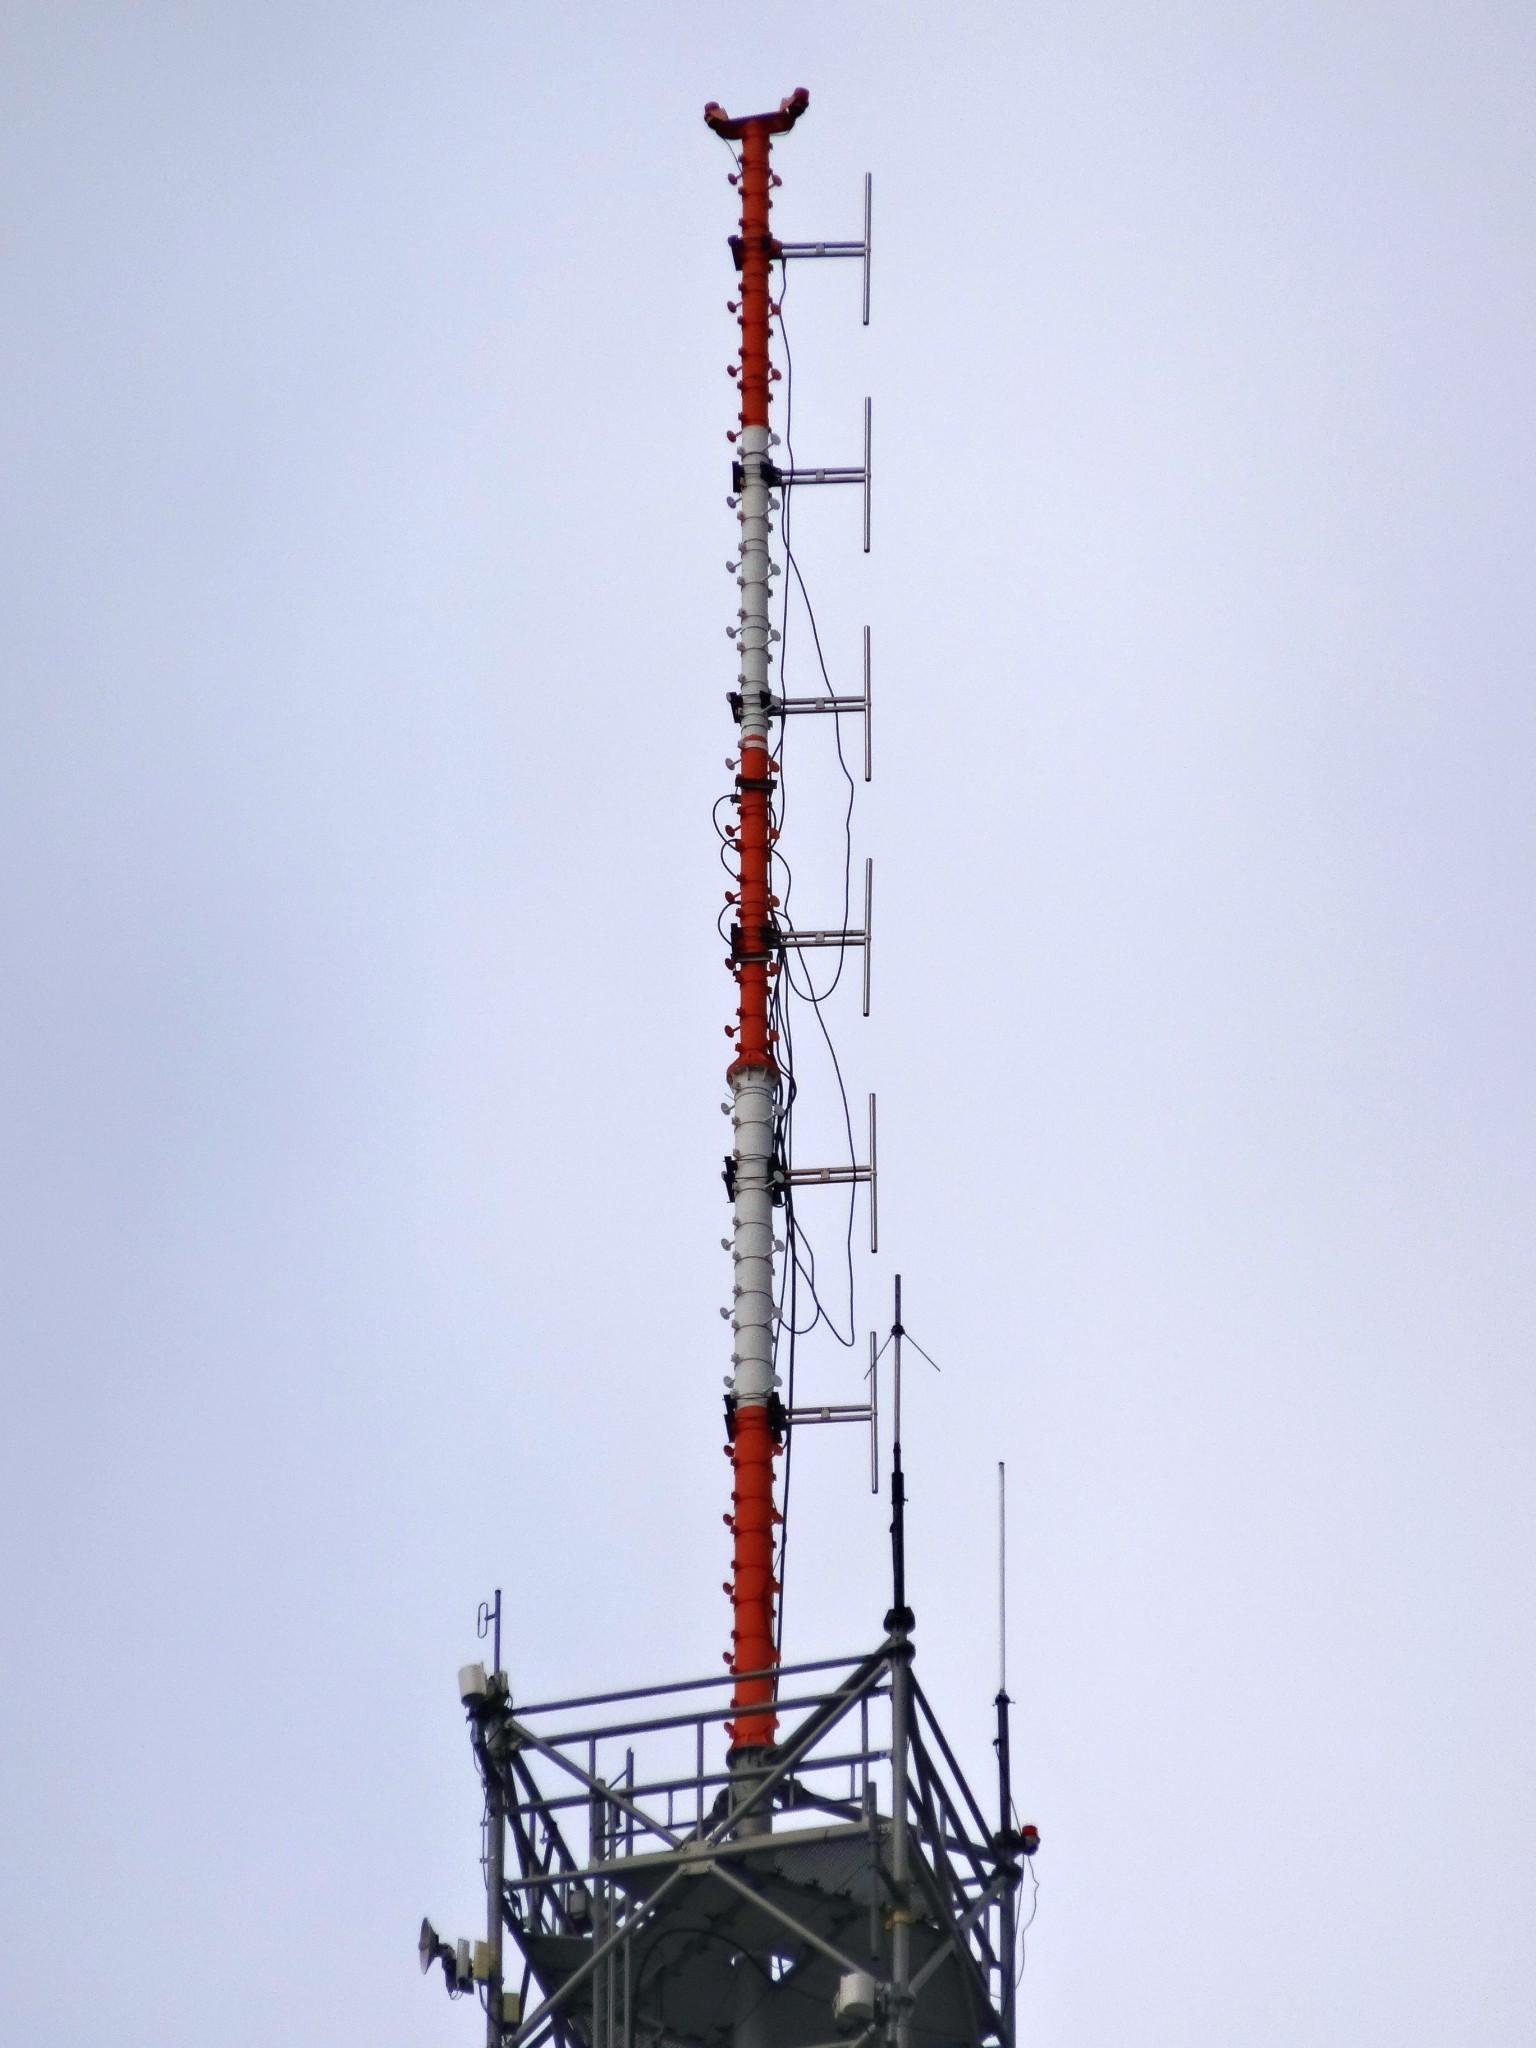 FM vysílač Praha - Pankrác - starý vertikální systém